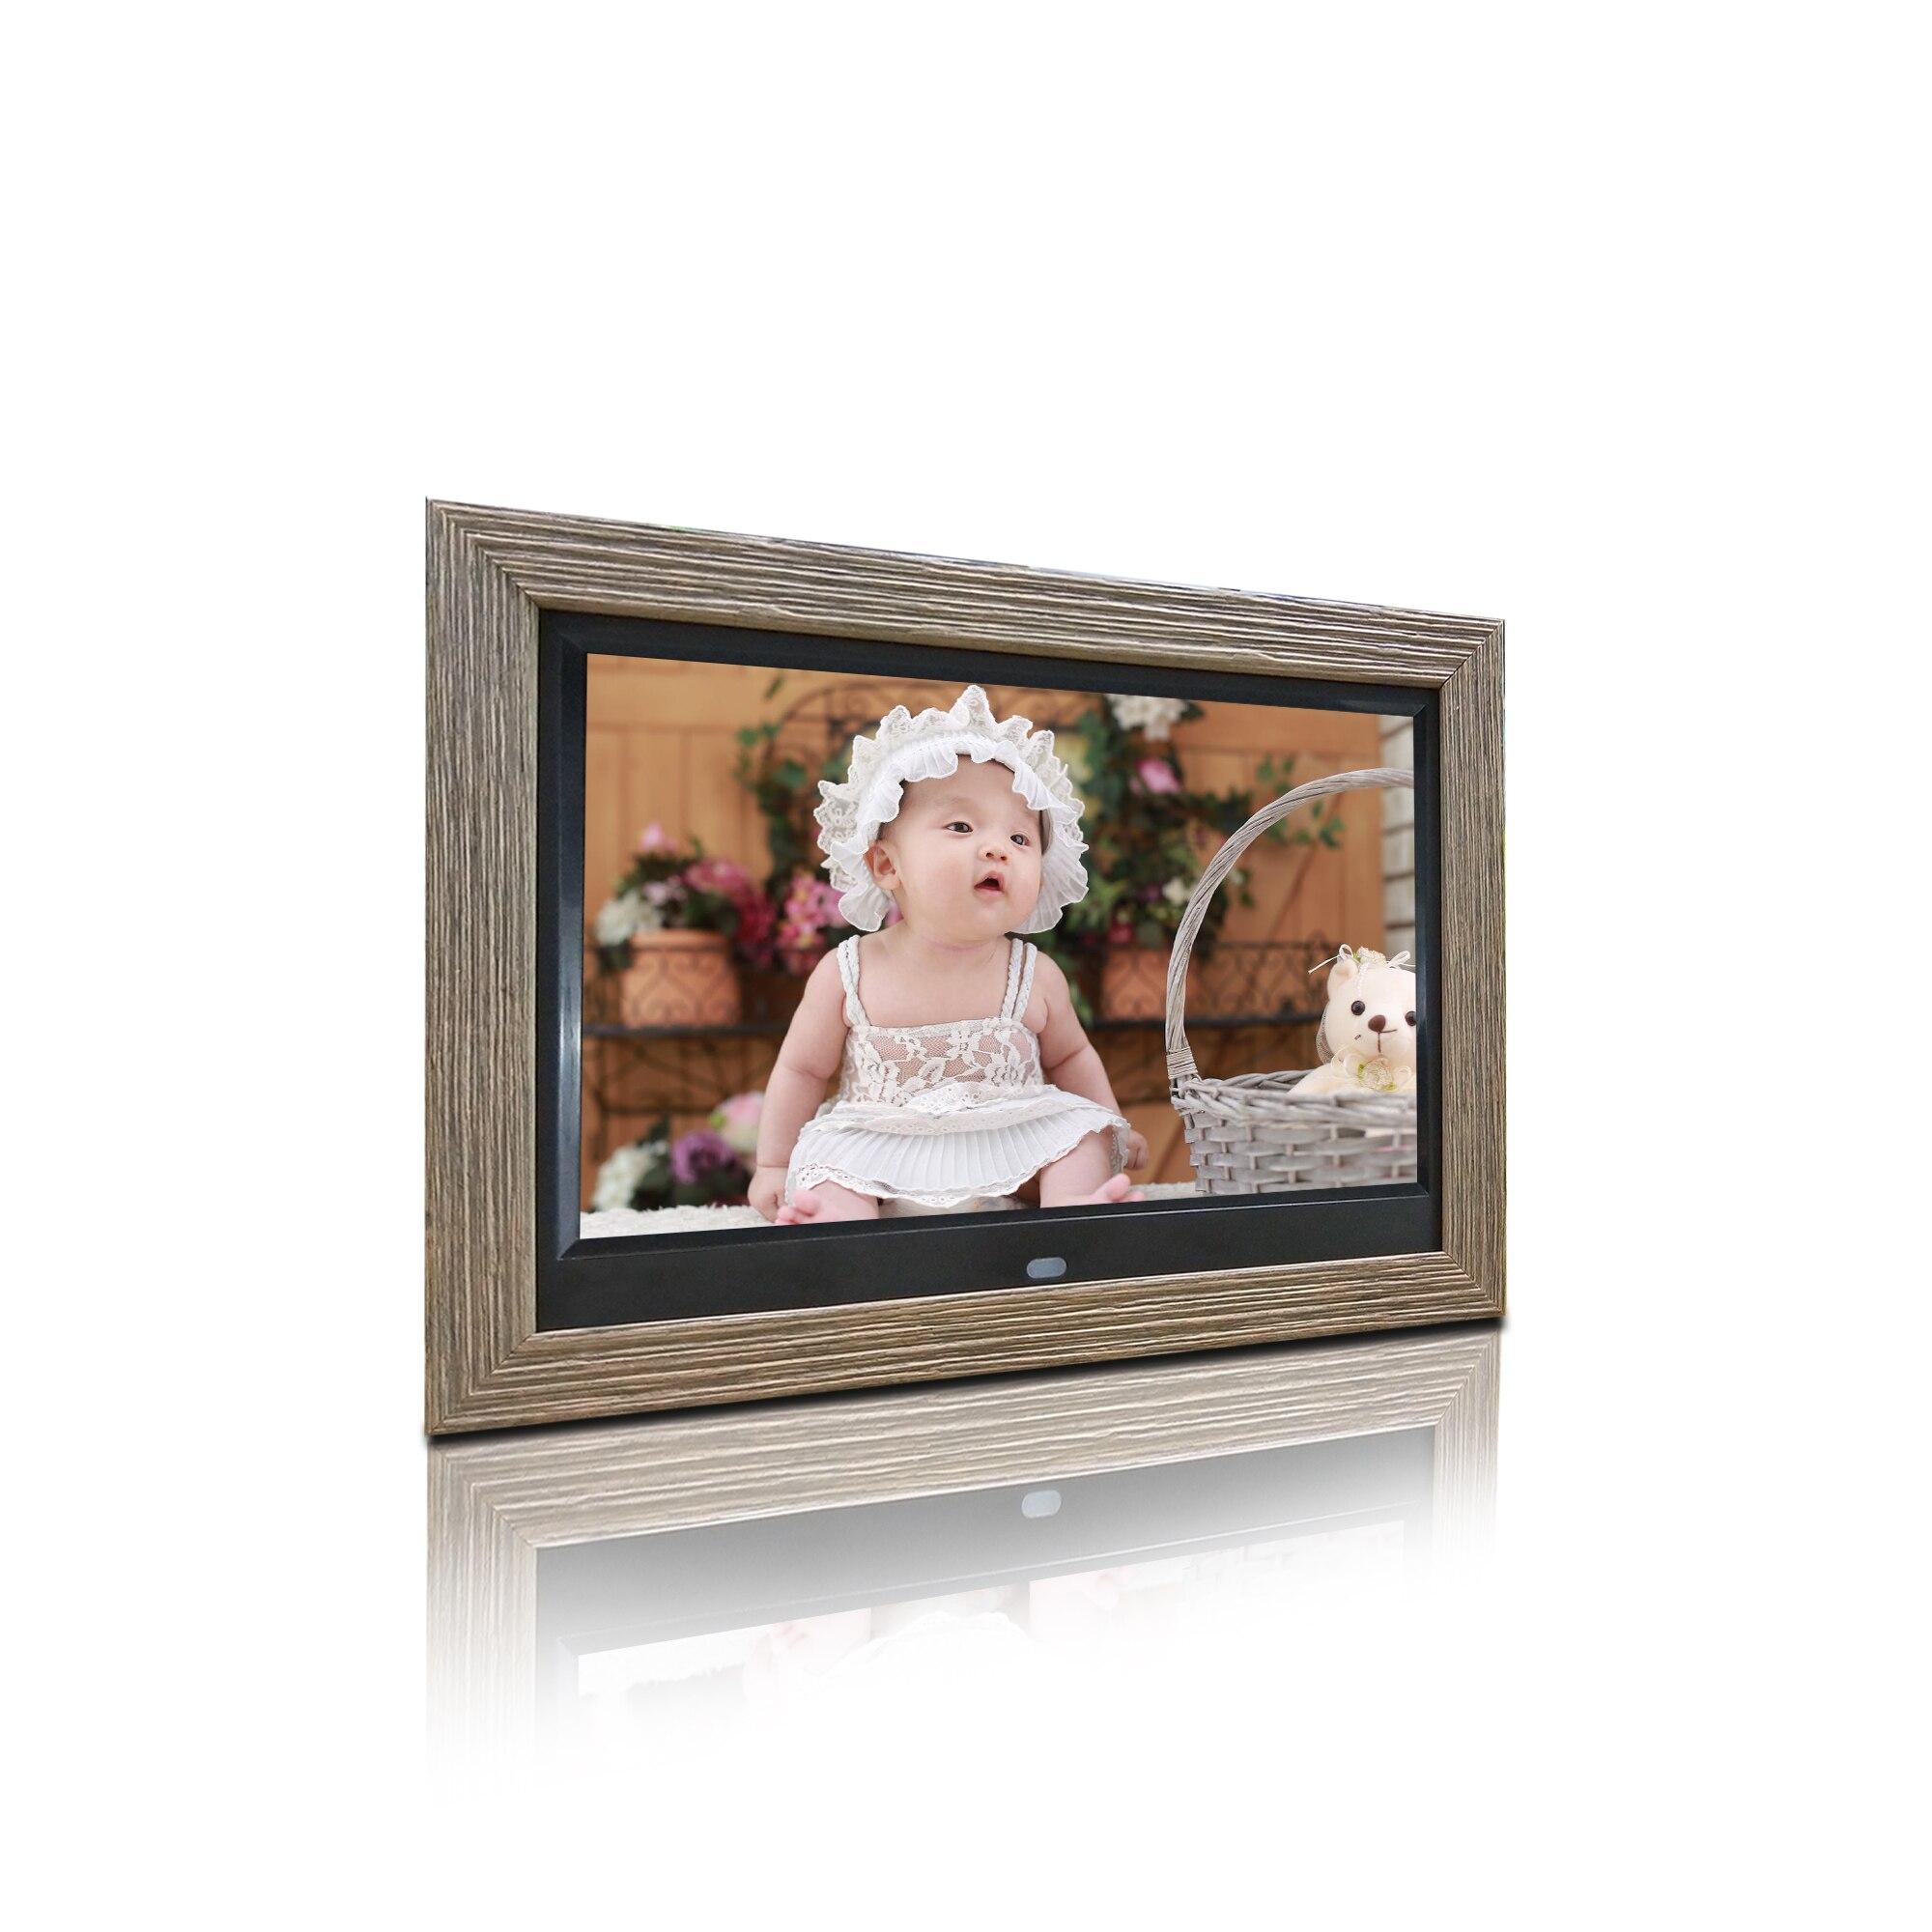 10 polegada IPS ângulo de visualização completa alta resolução 1280*800 digital photo frame frame digital da foto digital álbum